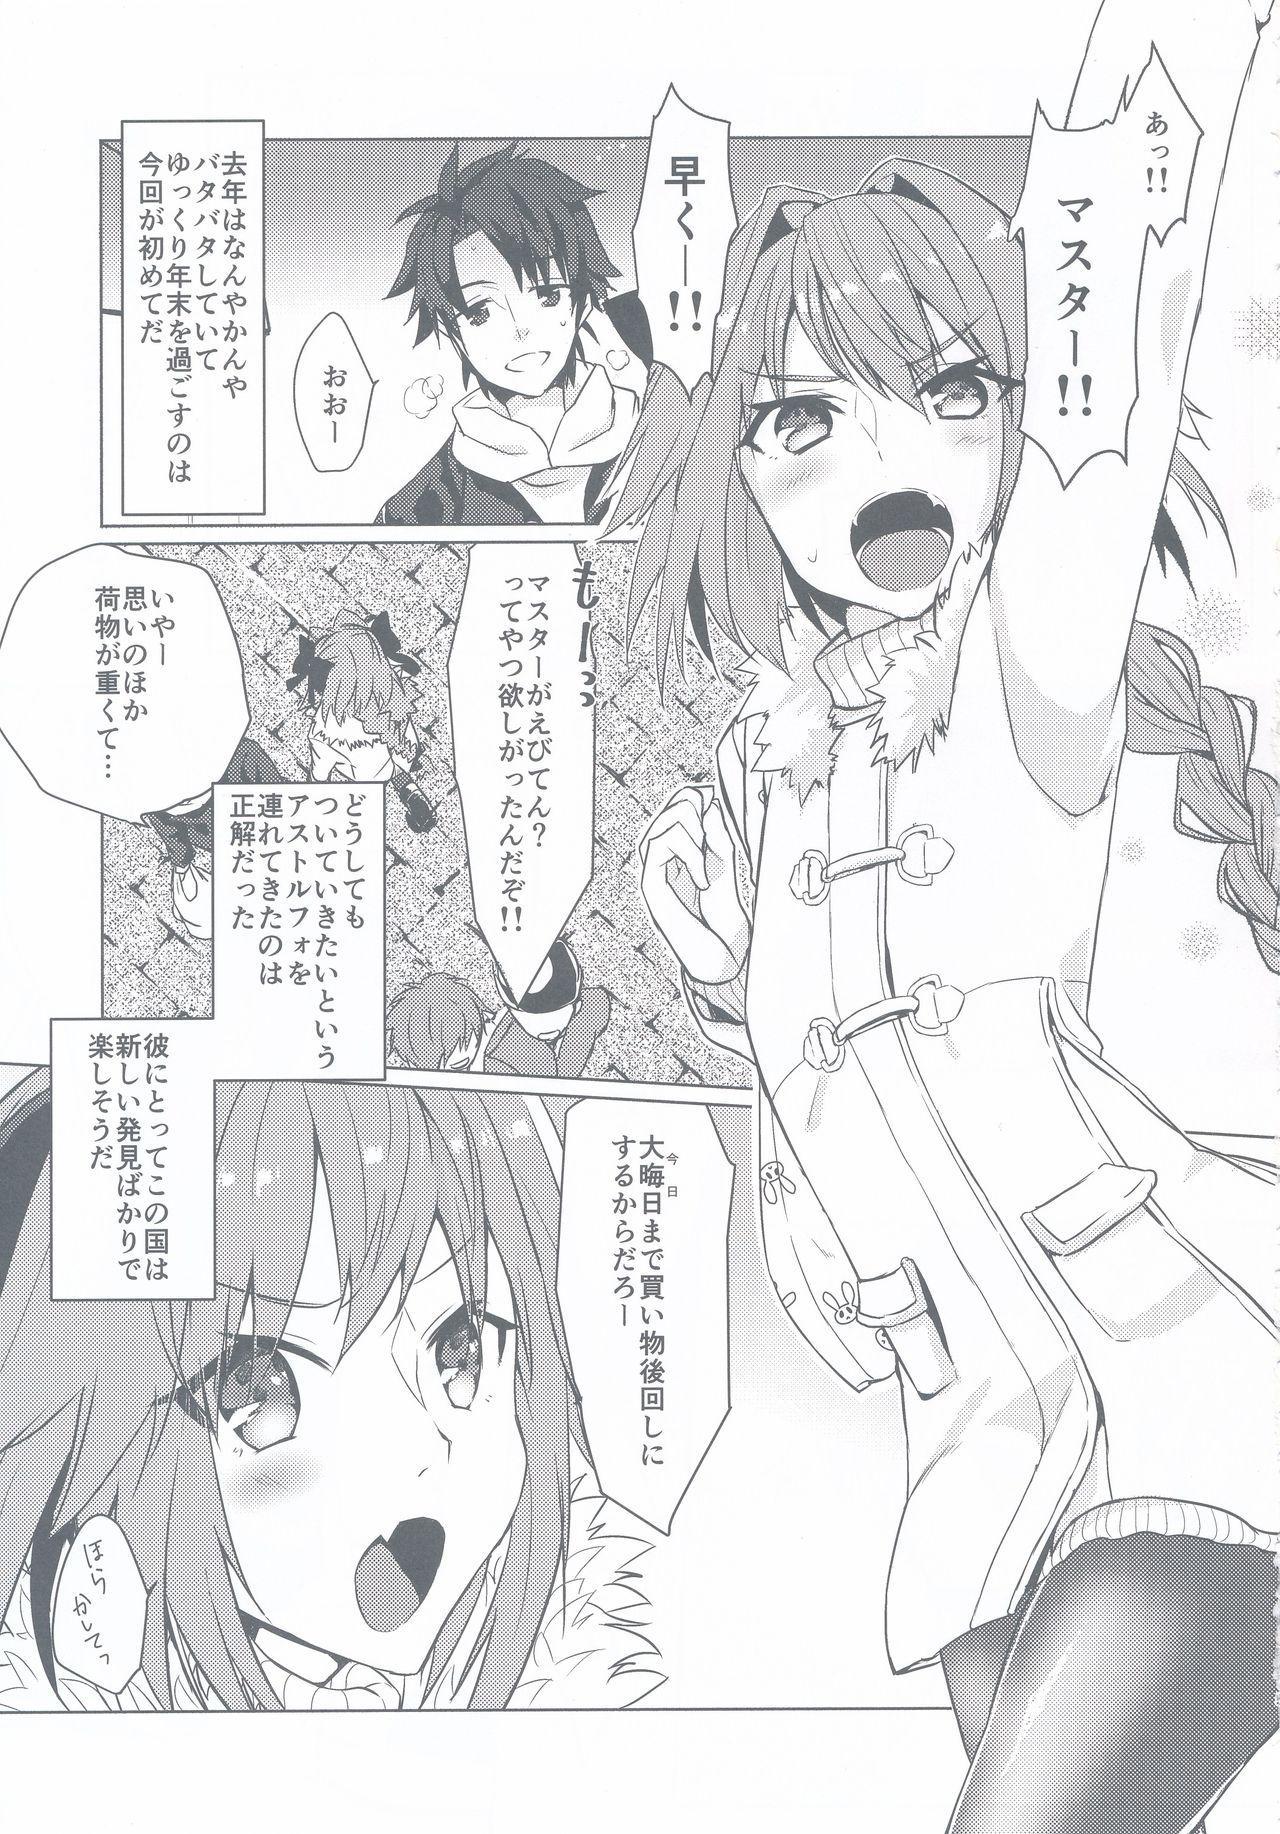 Astolfo-kun to Nenmatsu ni Ichaicha Sugosu Hon 4